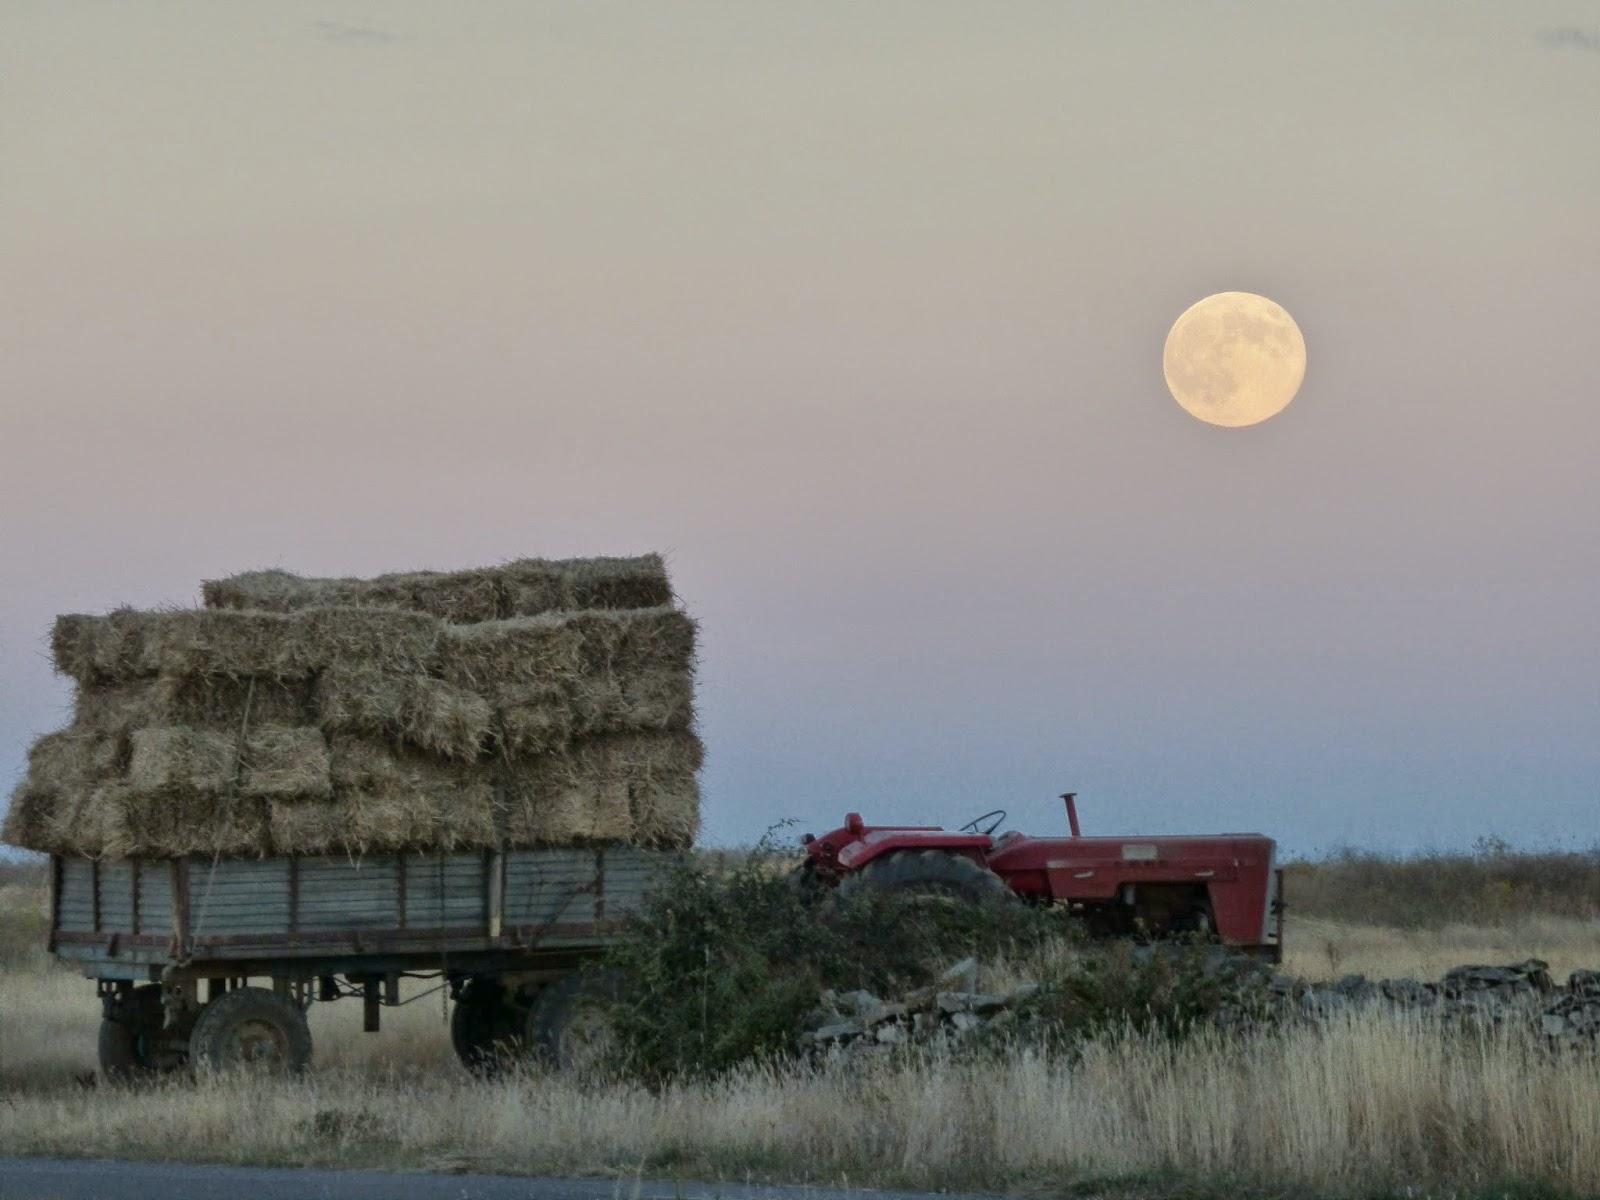 ¿Y en el campo, como inluye la luna llena?